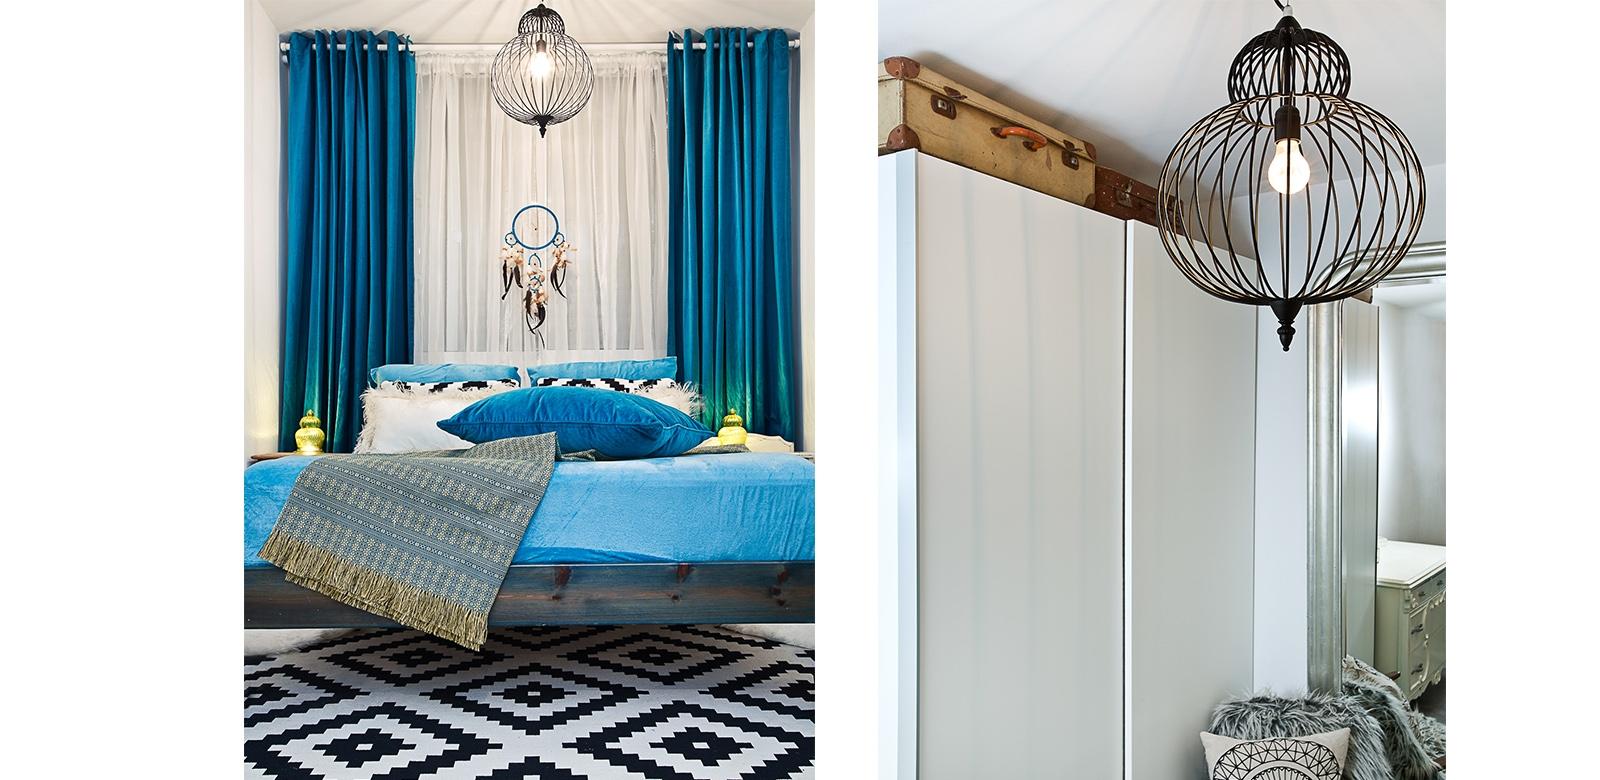 דירה יצירתית בסגנון אקלקטי - תמונה מספר 7